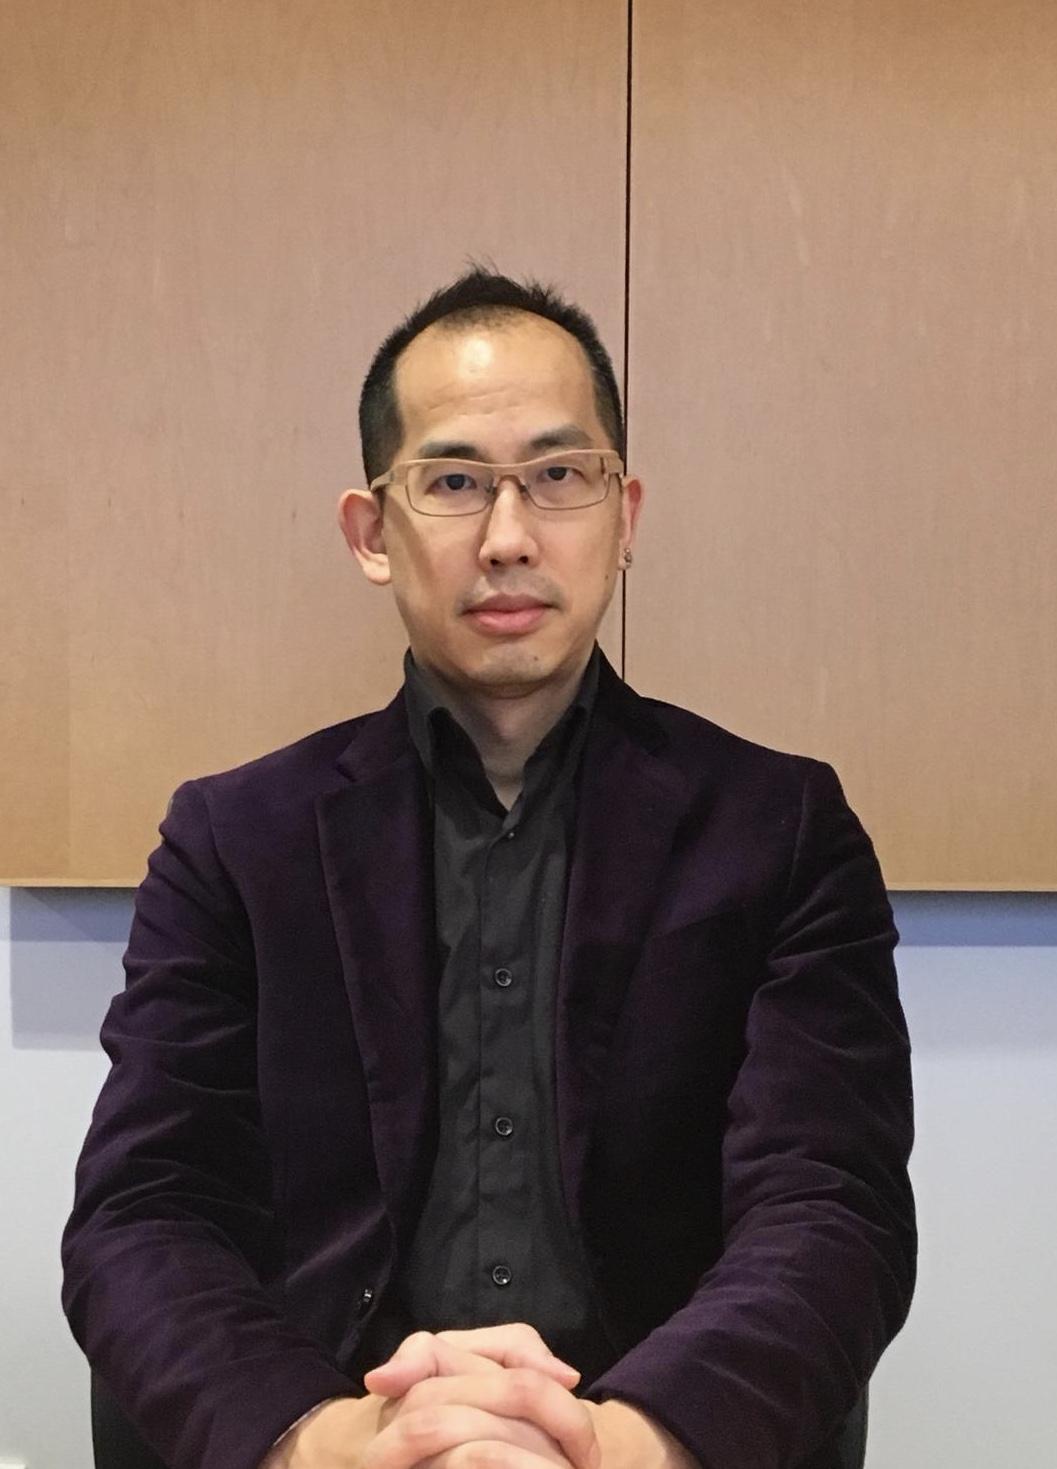 Gilbert Chan 2019